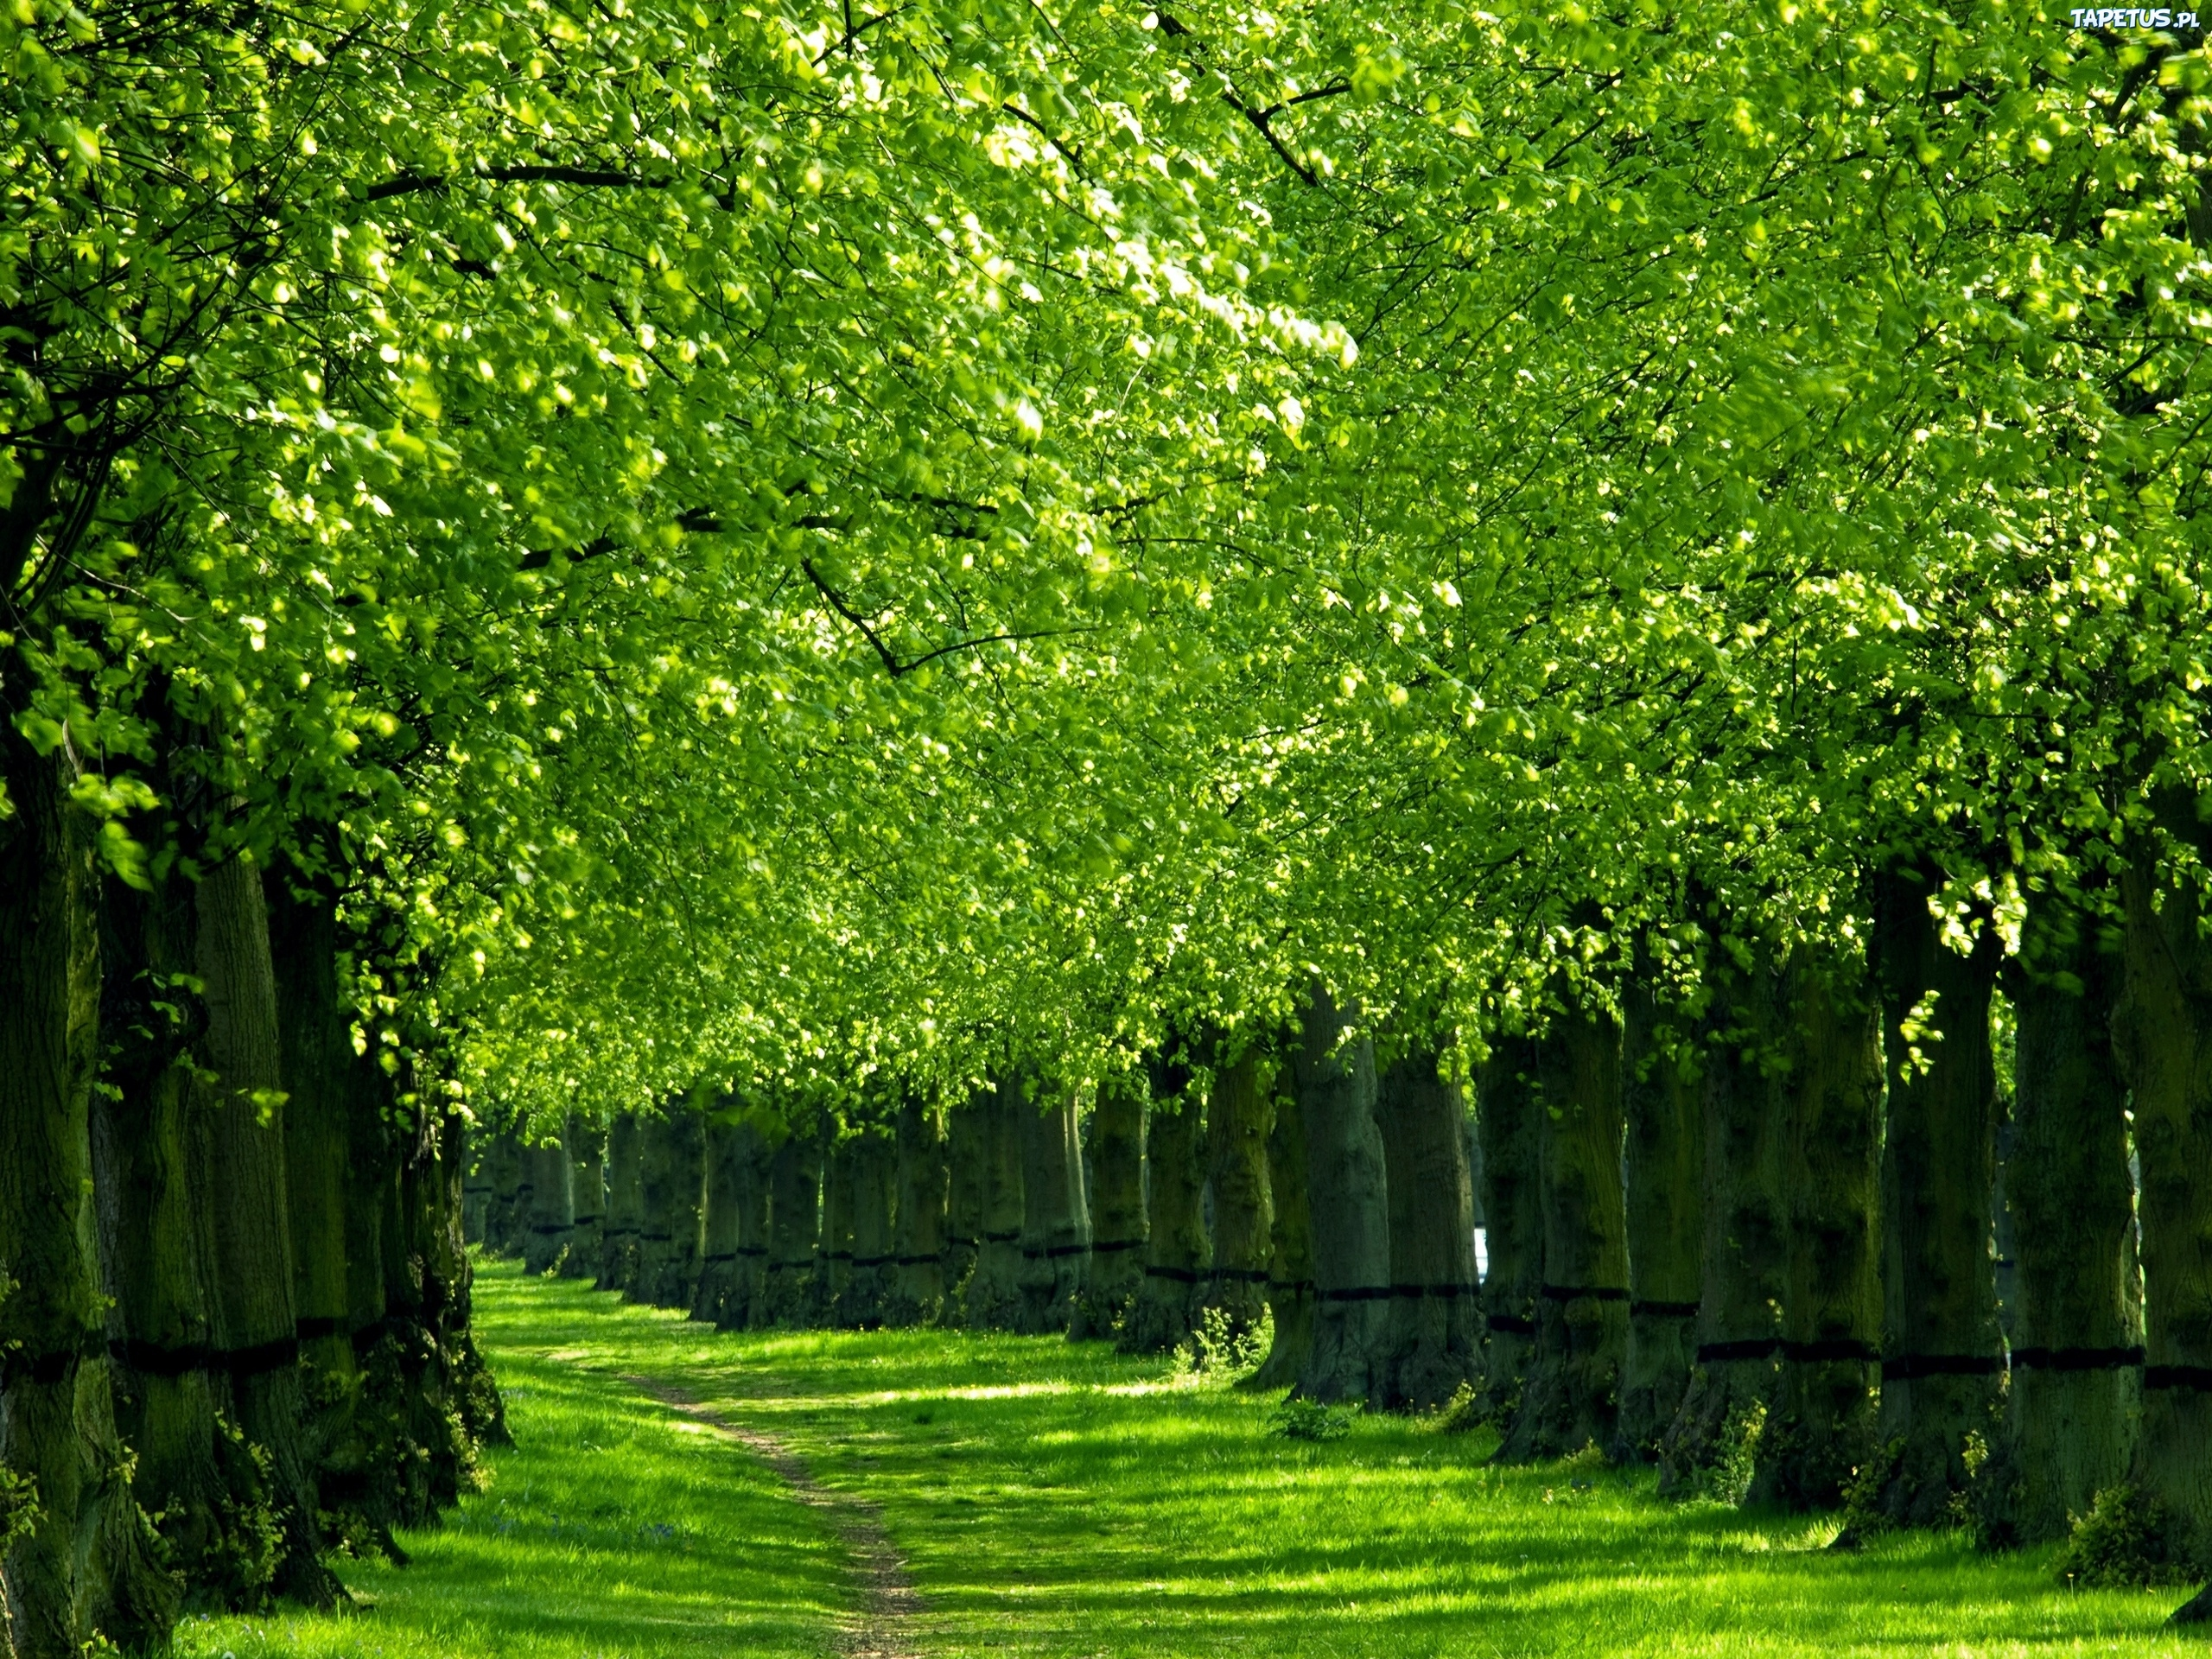 зелень лес деревья  № 1078764 бесплатно